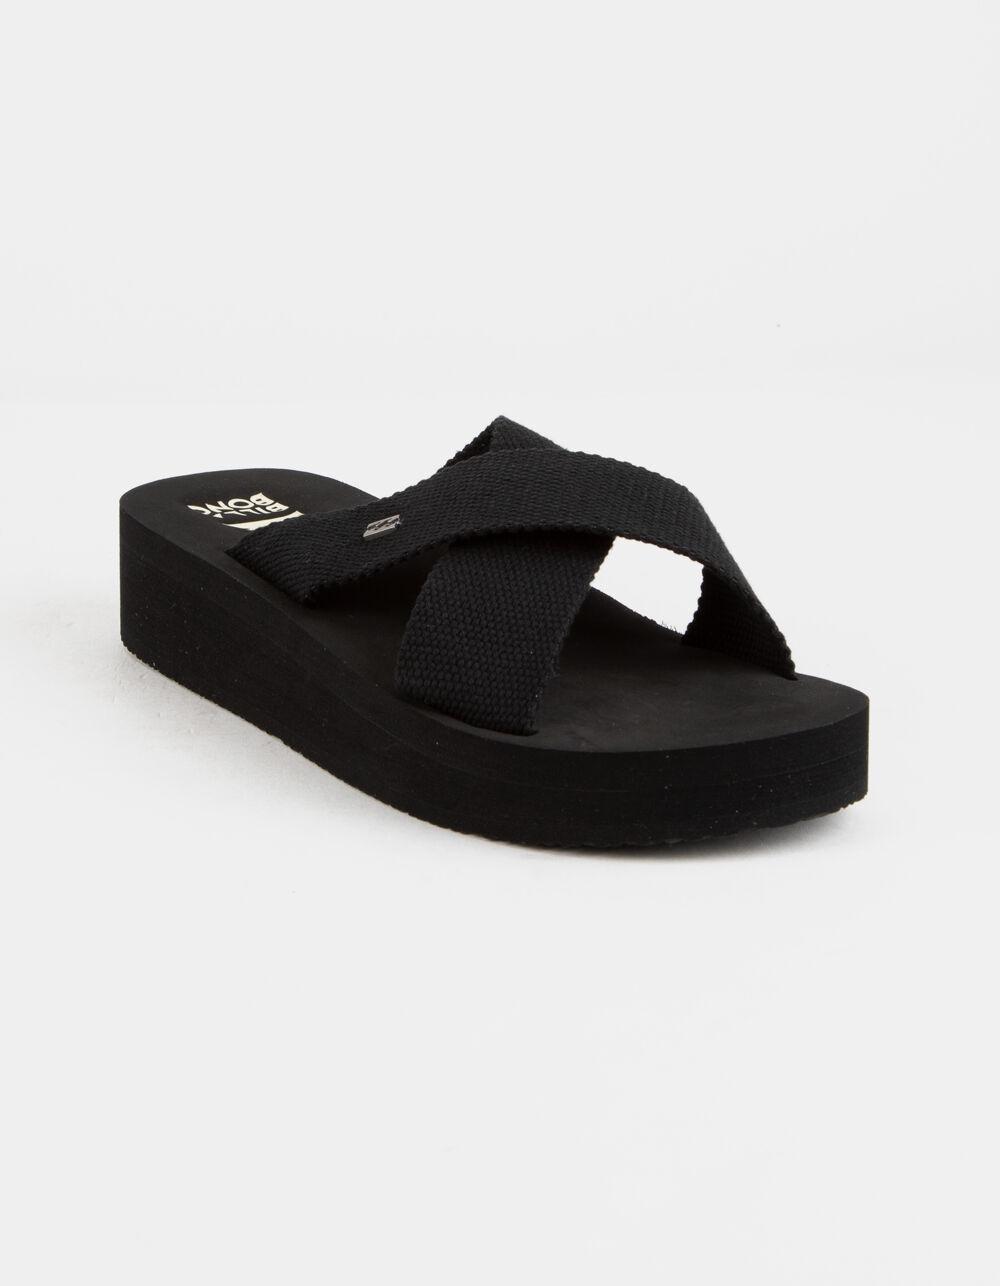 BILLABONG Boardwalk Black Flatform Sandals